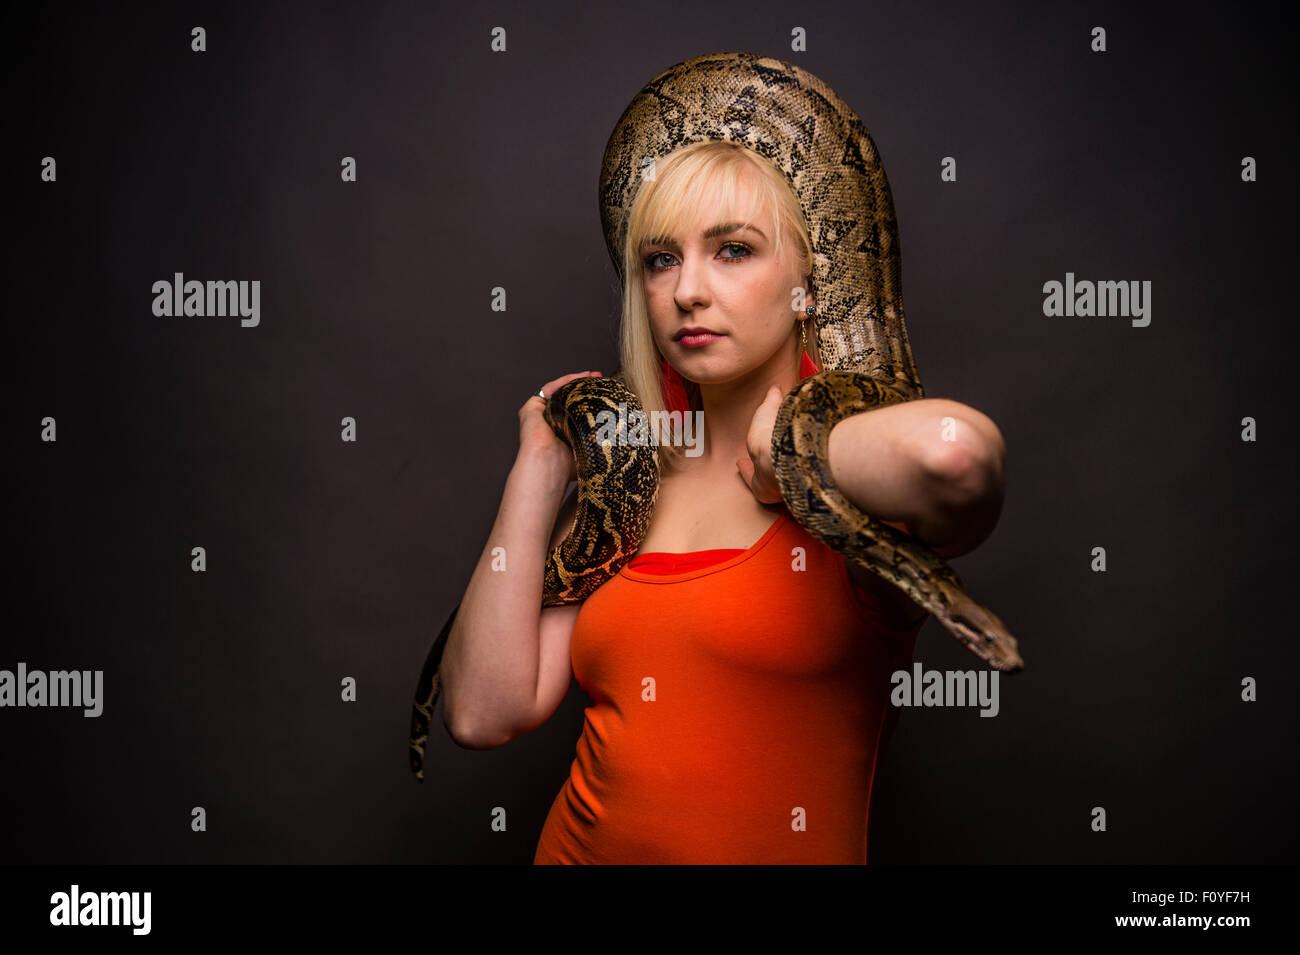 Una giovane donna ragazza persona di sesso femminile in posa con un serpente python avvolto attorno alla sua testa Immagini Stock